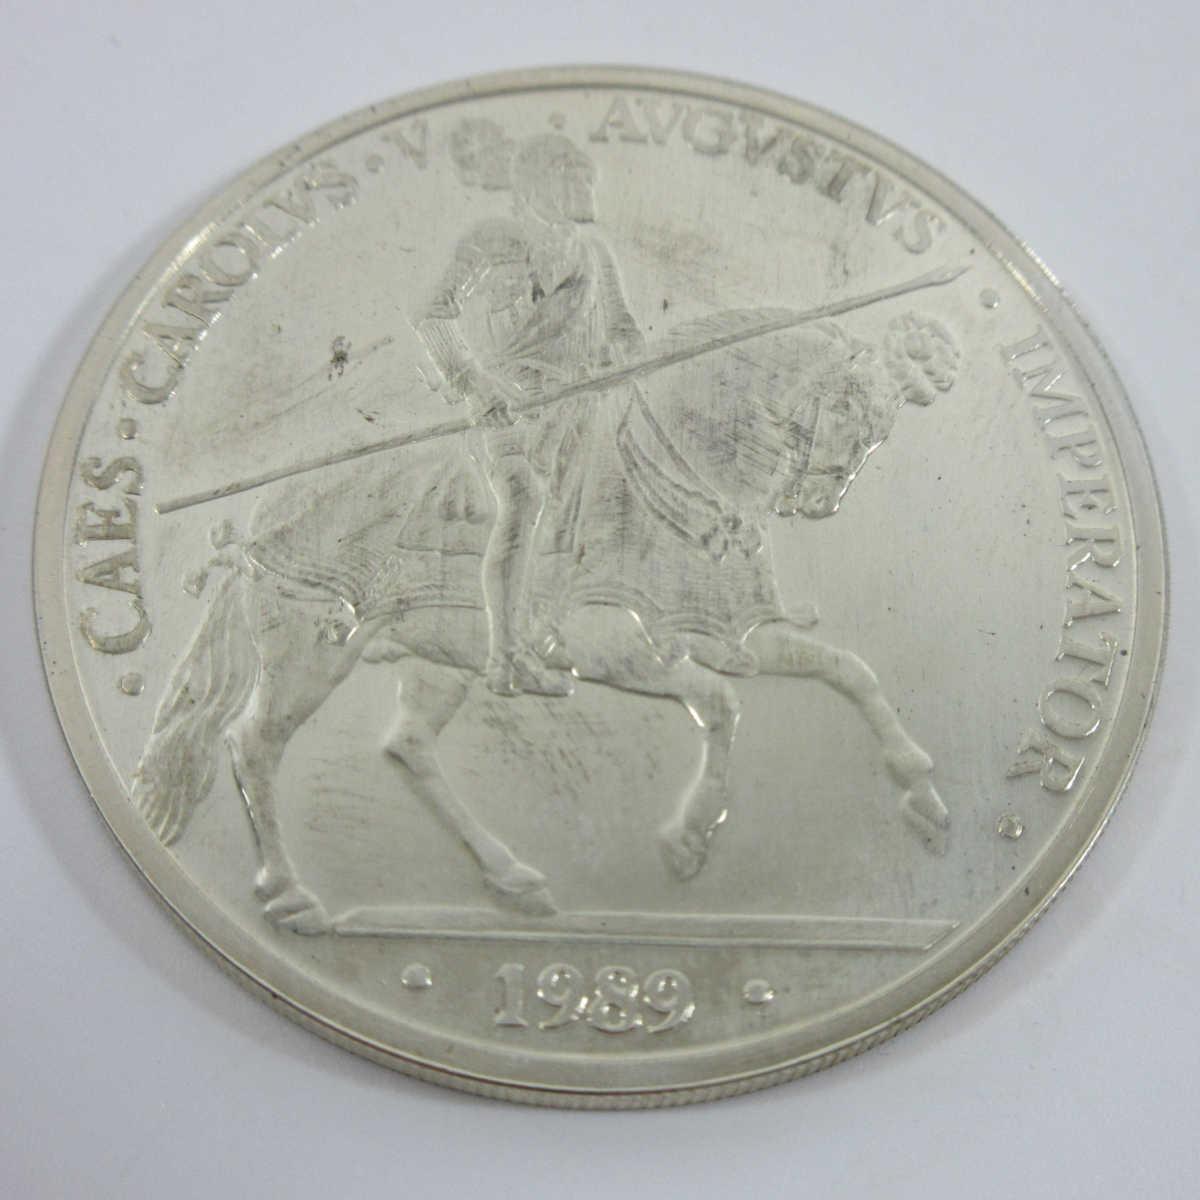 ■スペイン大型銀貨(1989年ヨーロッパ 33.62g プルーフ)5エキュ銀貨 b83_画像3